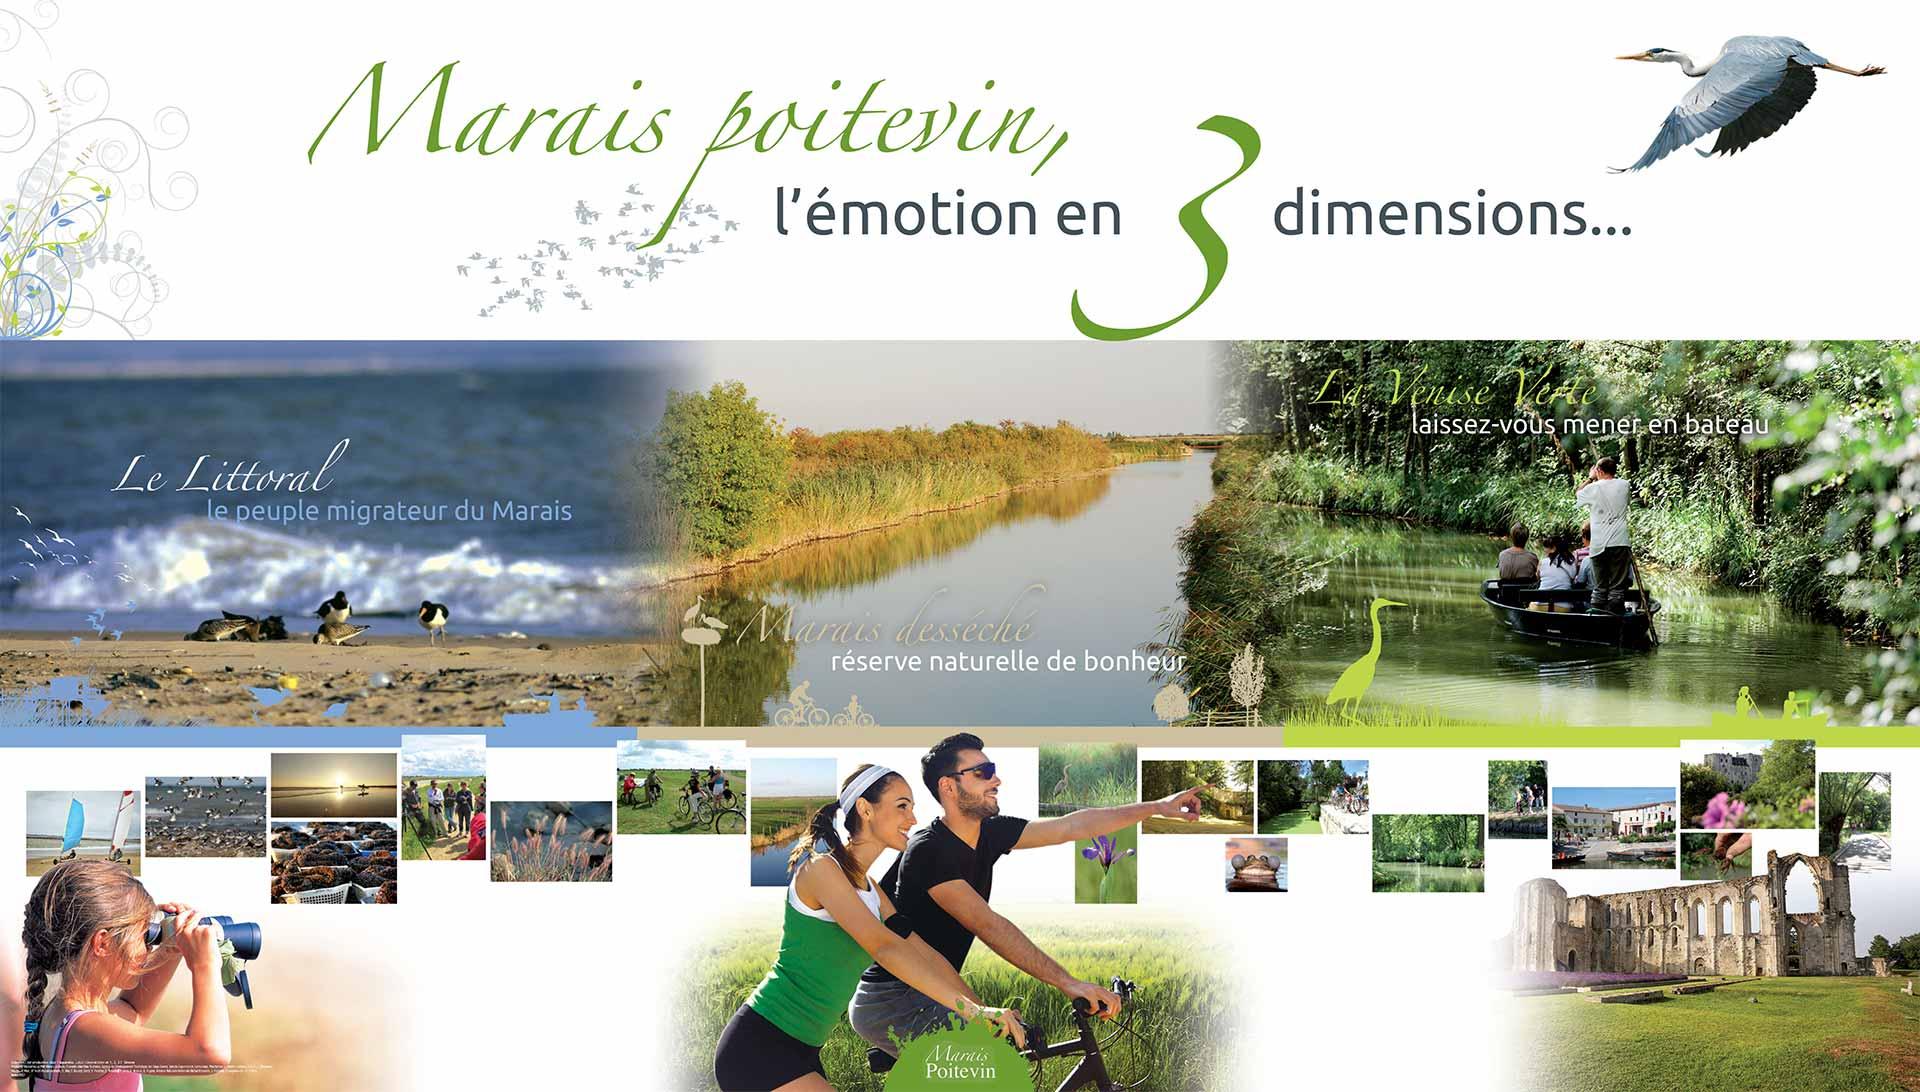 Carte touristique du Marais poitevin